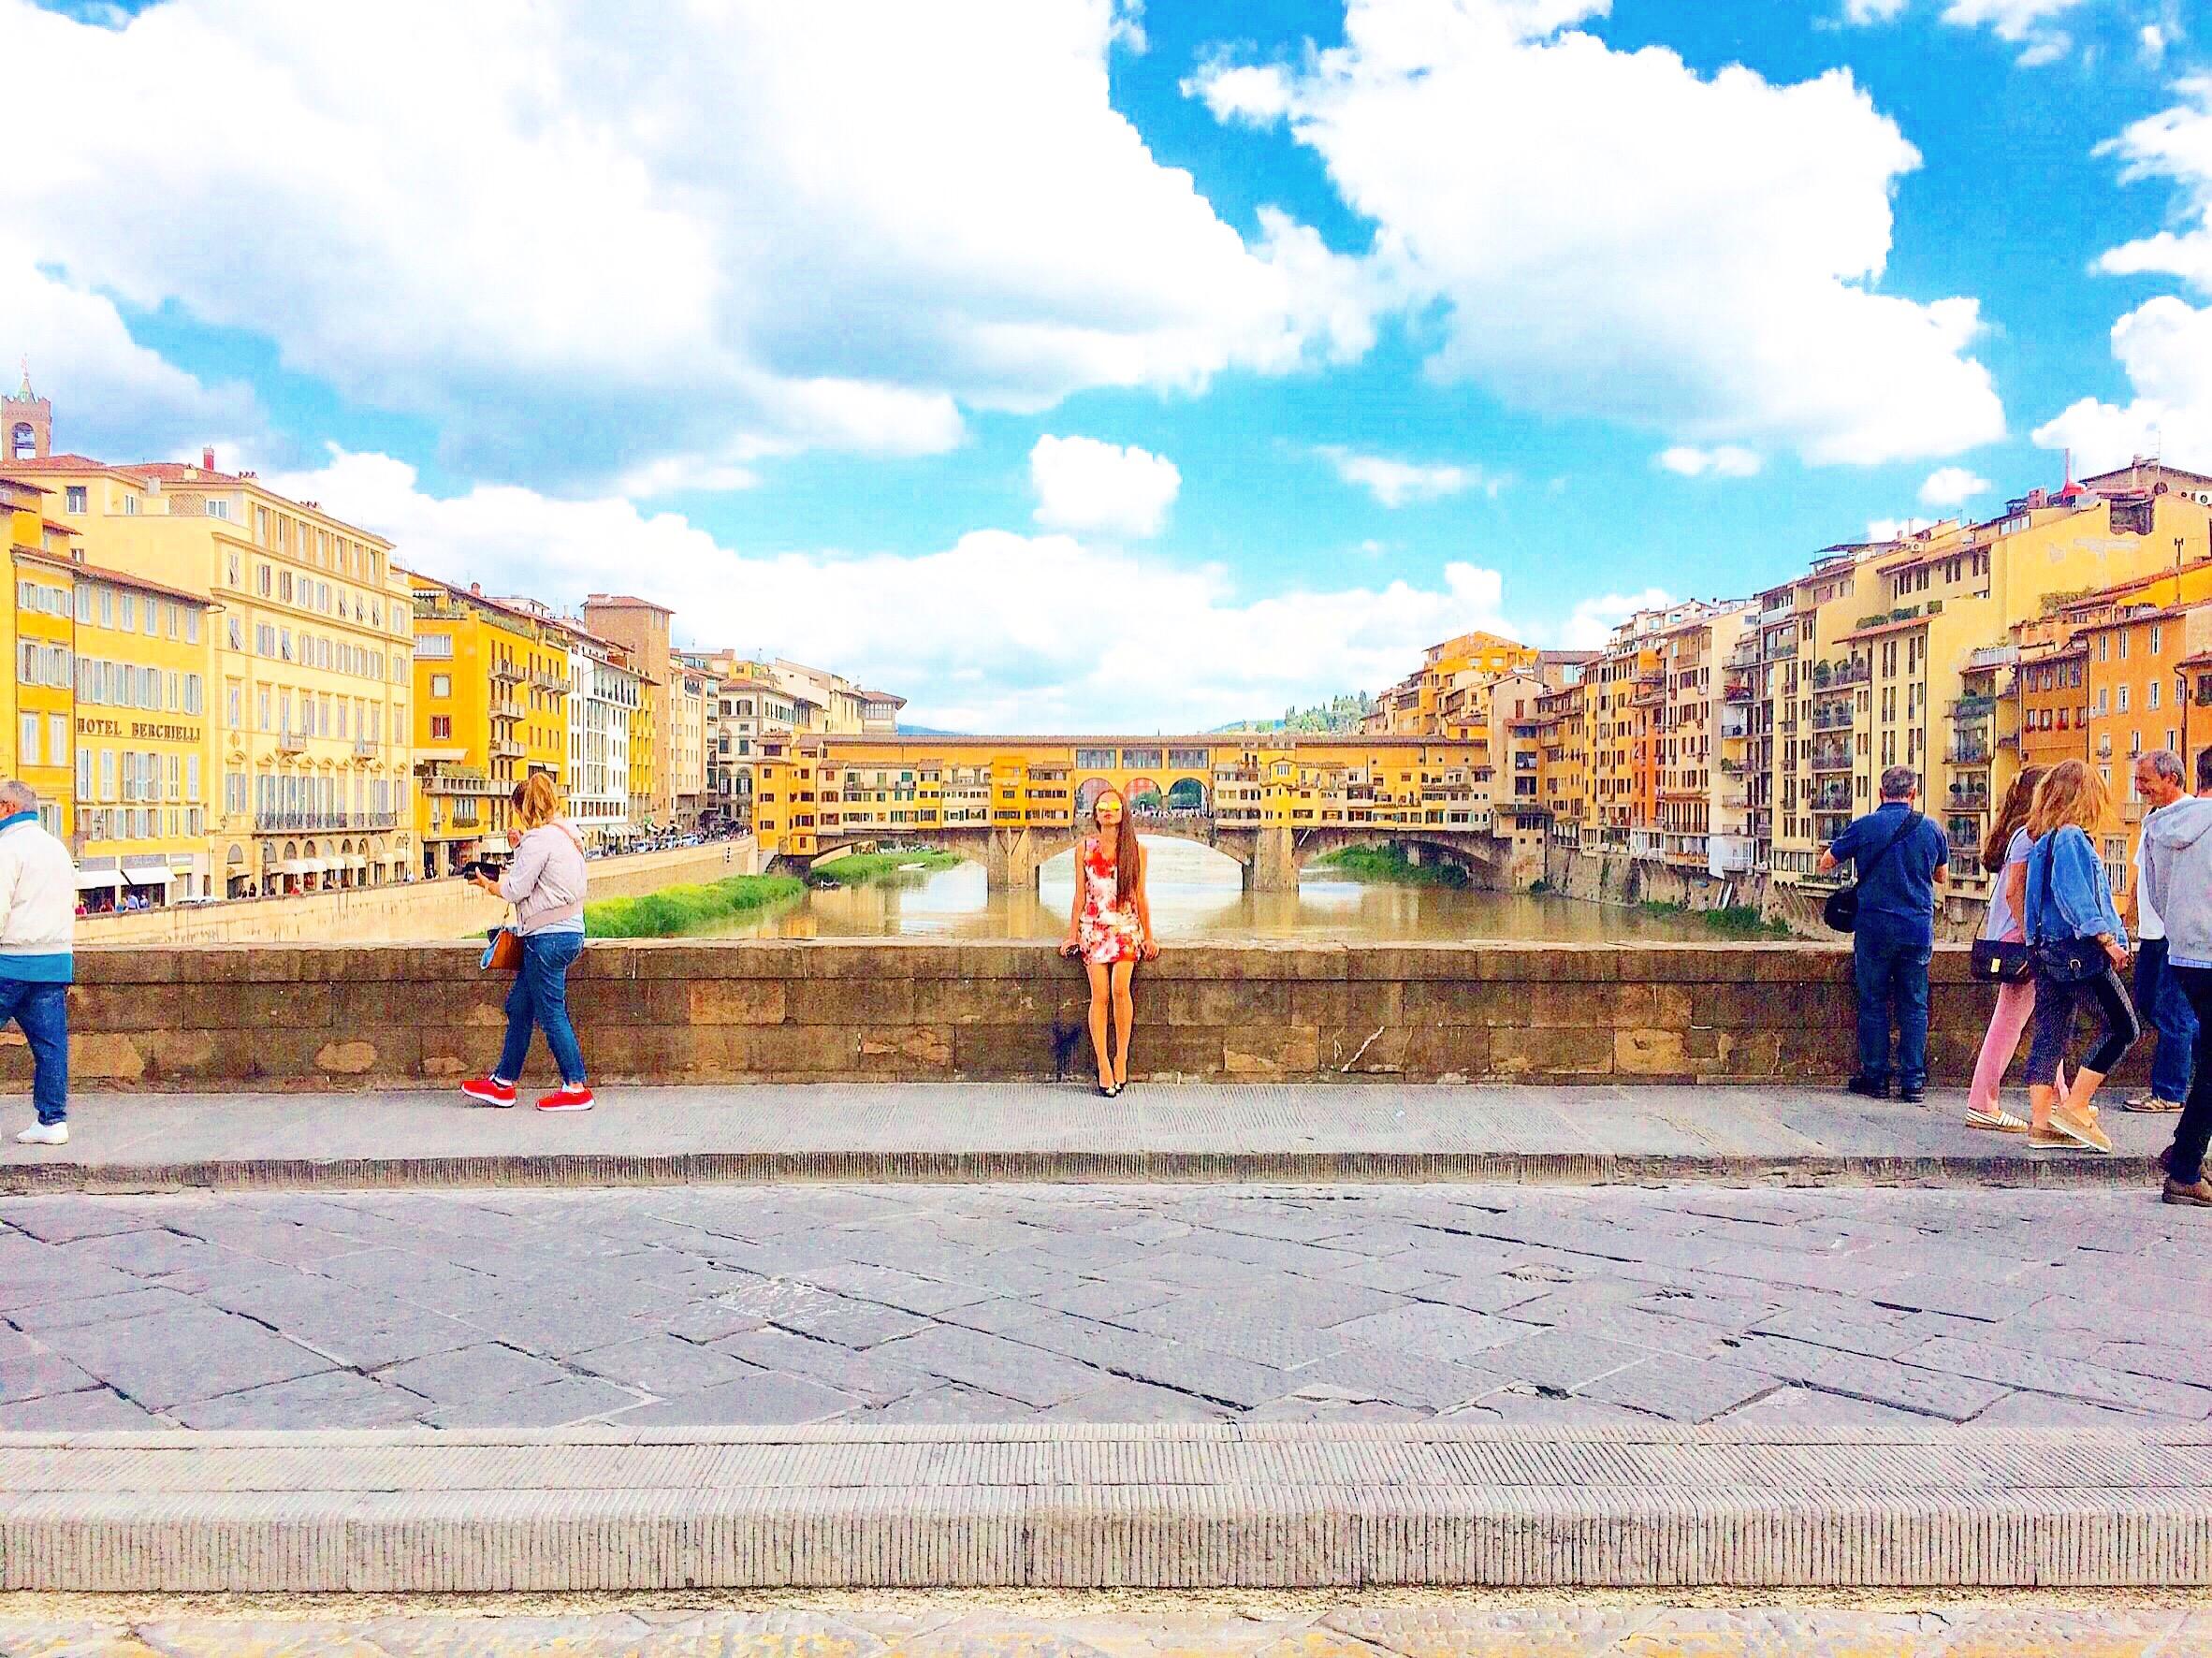 ベッキオ橋を通ってミケランジェロ広場へ